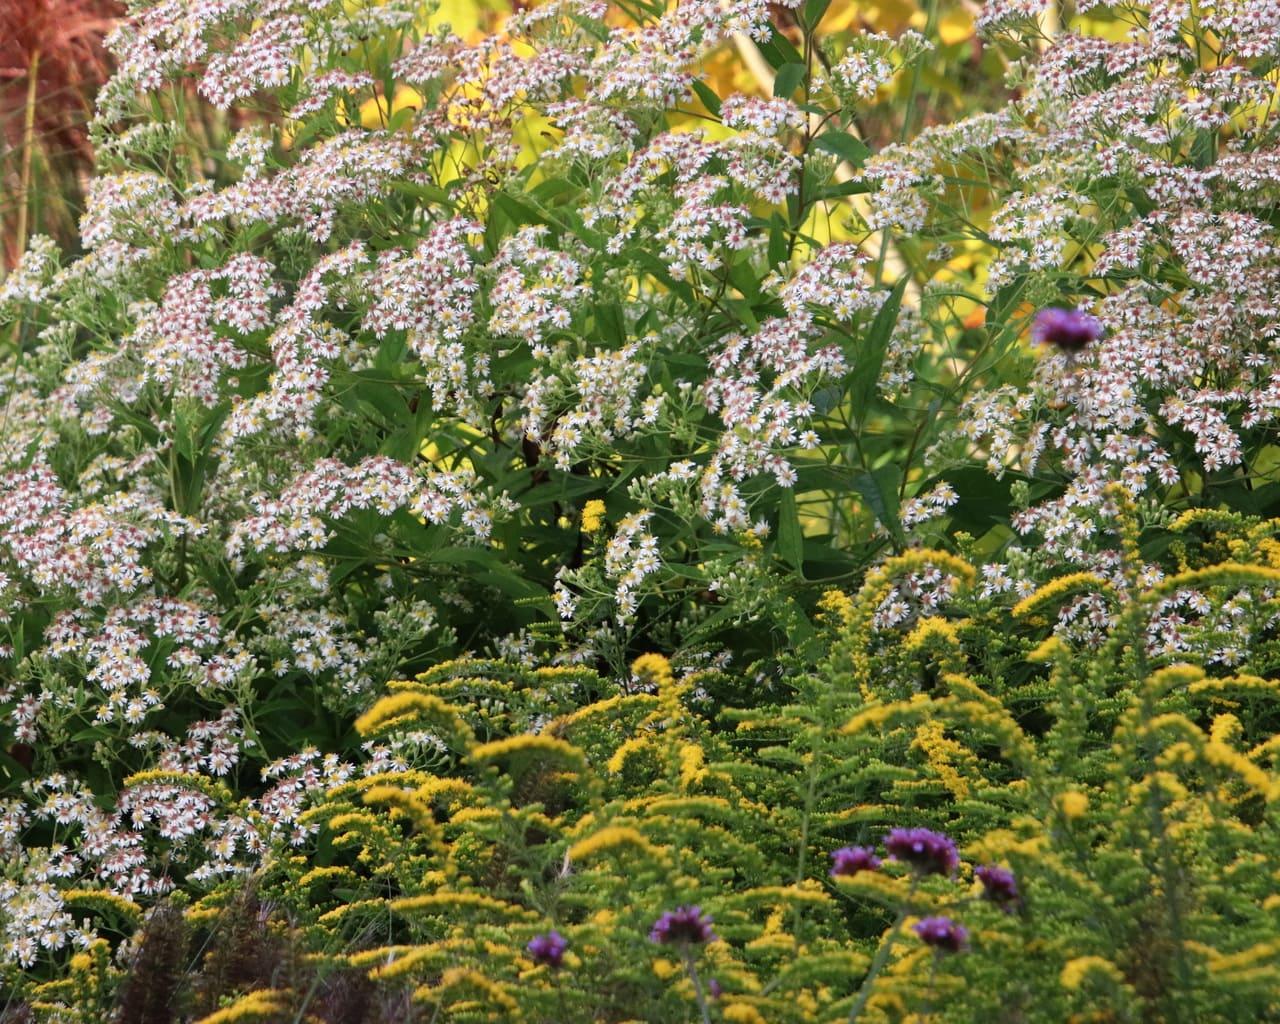 Kleinblütige Herbst (Aster glehnii Agleni) und Goldrute (Solidago rugosa Fireworks)